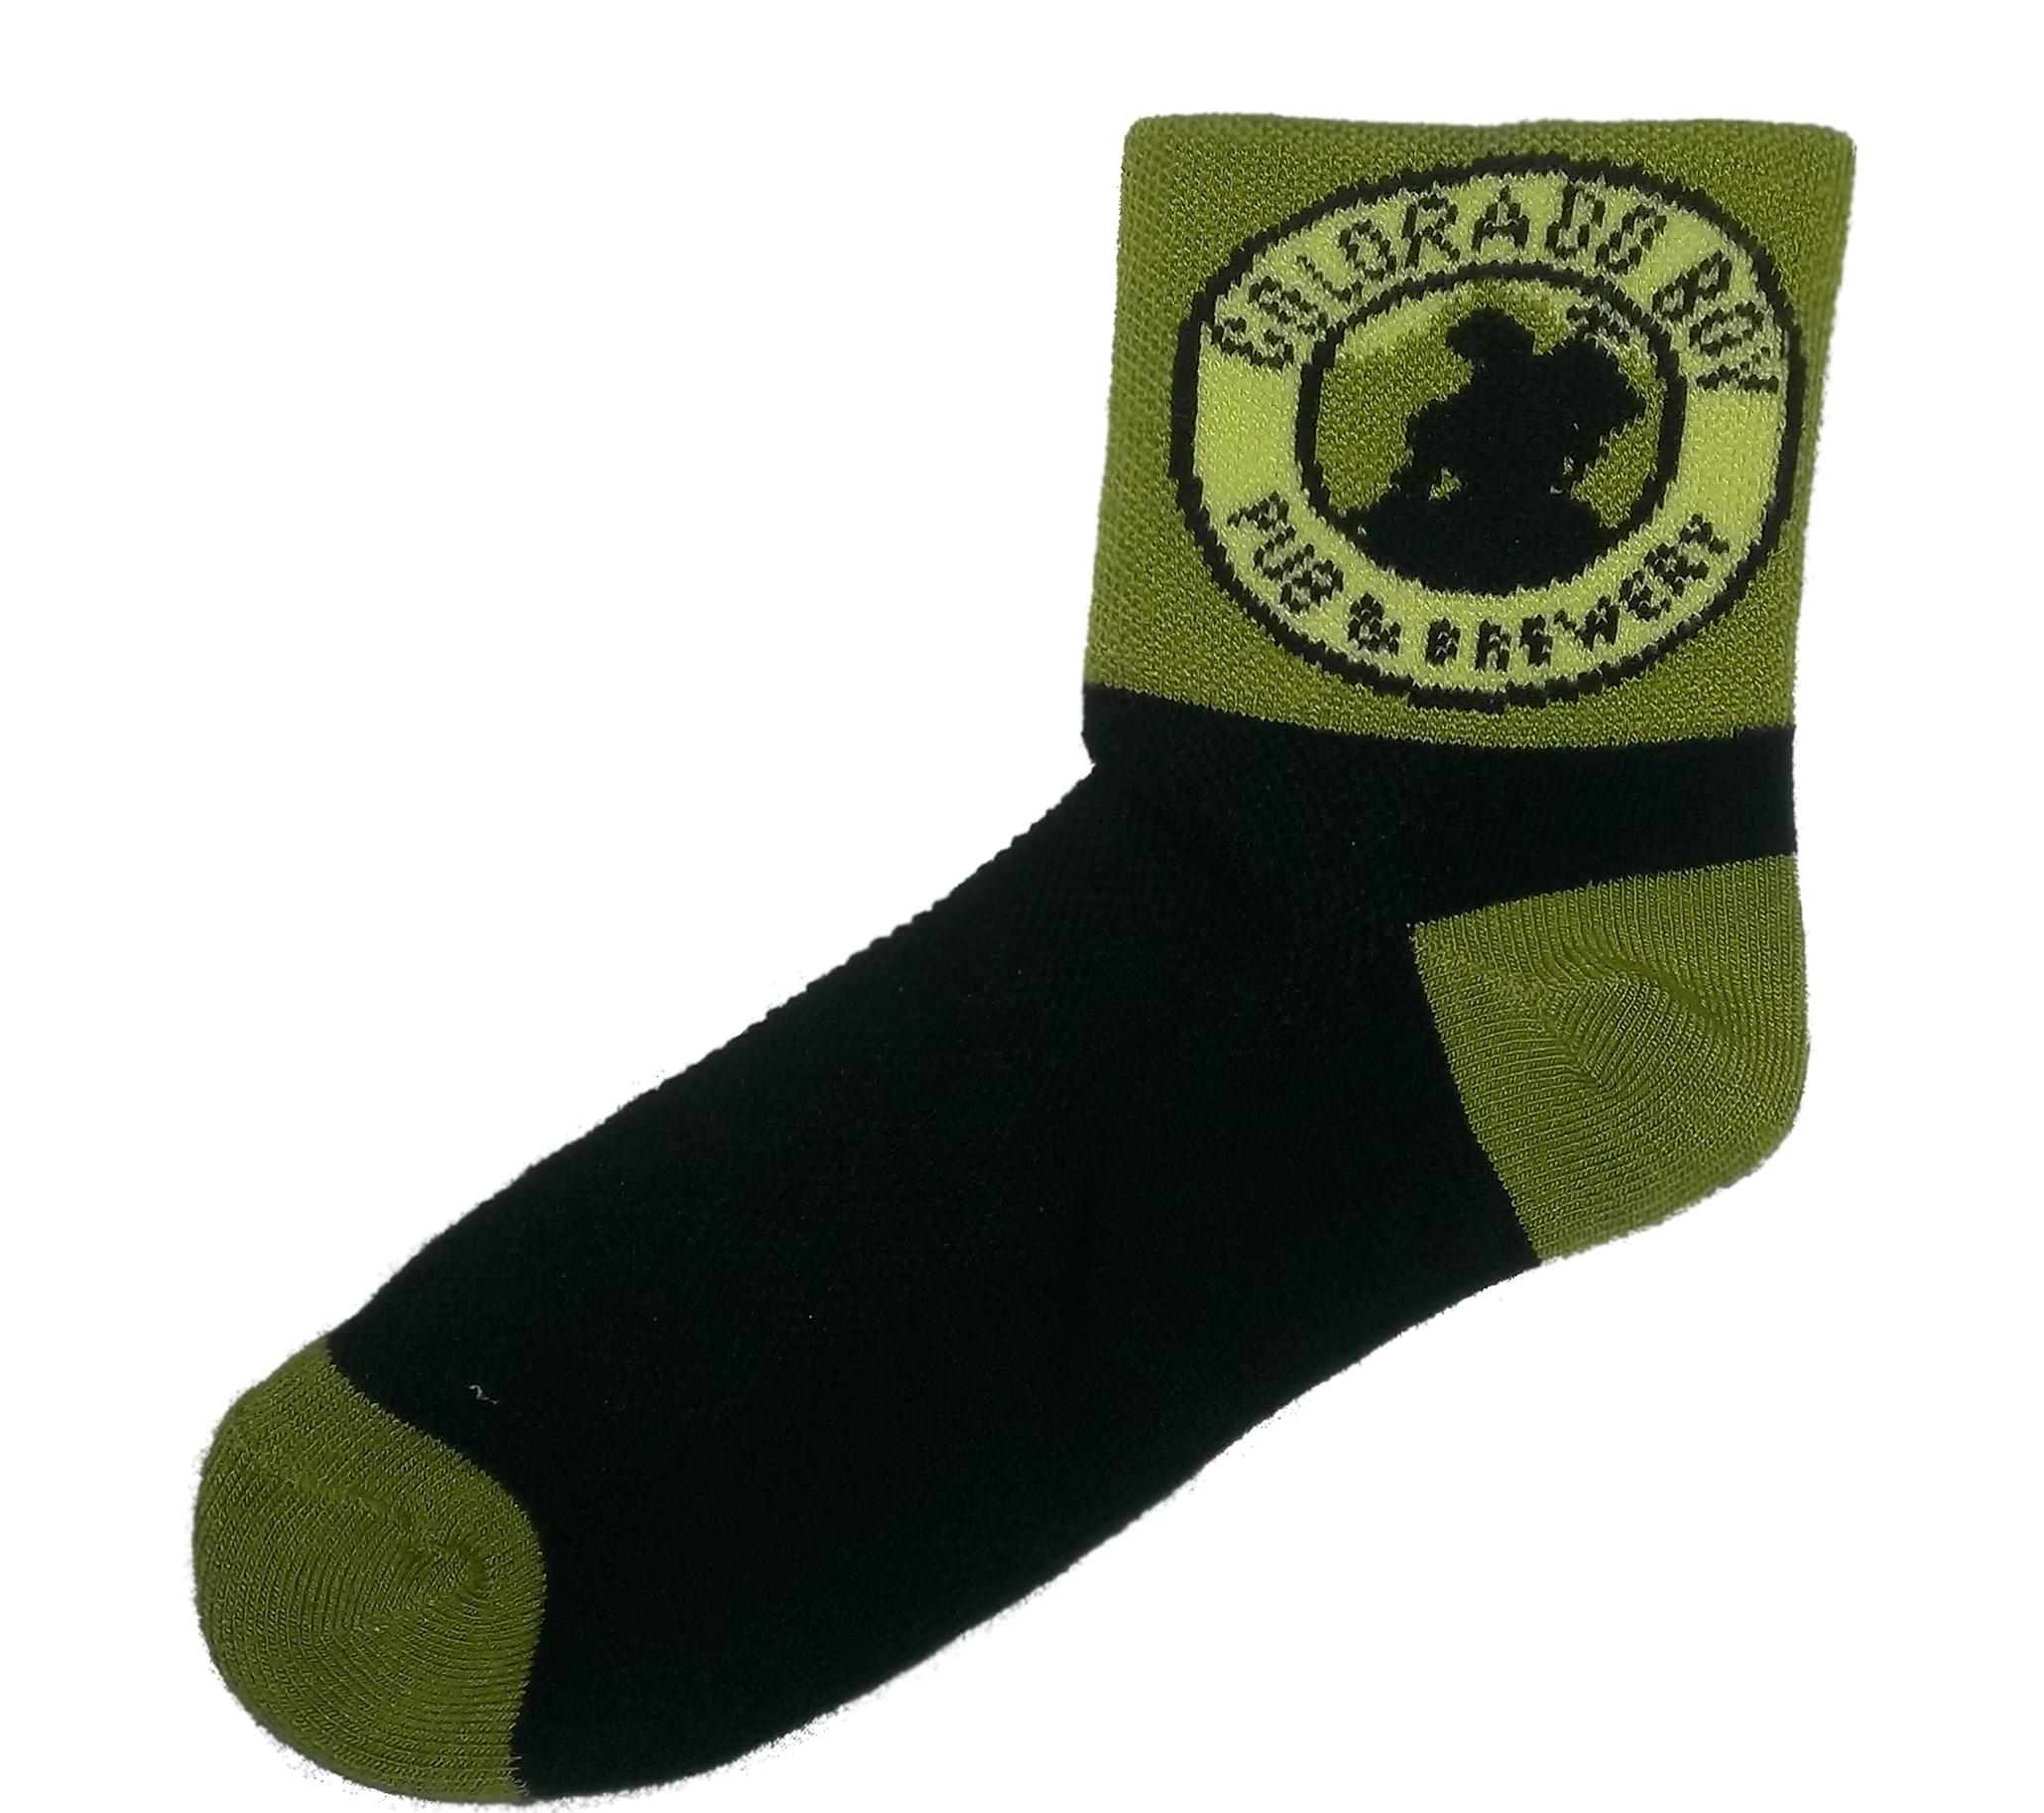 Custom-Socks-NLZ-Colorado-Boy.jpg